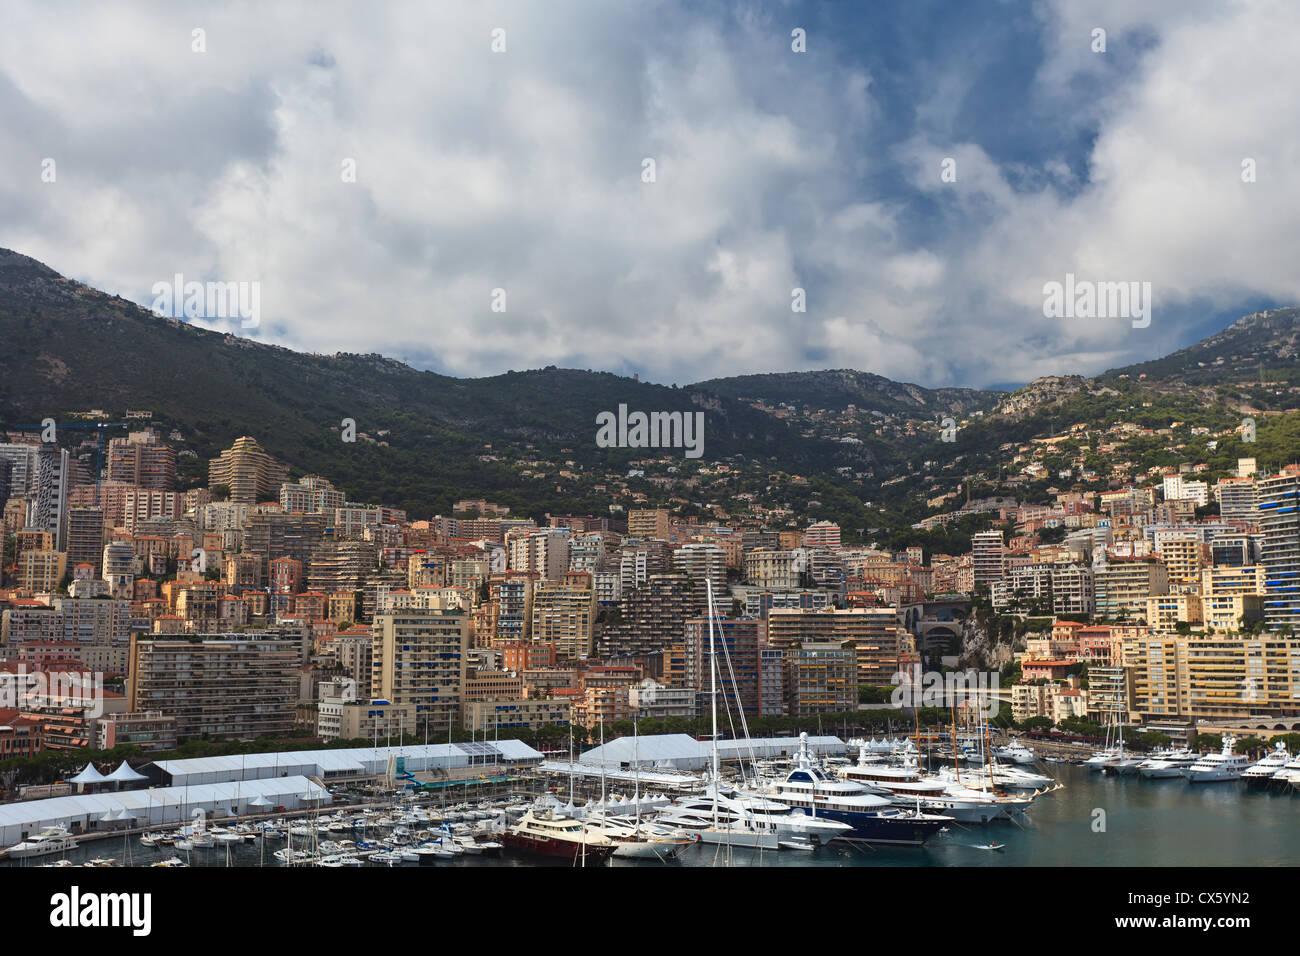 city of Monaco - Stock Image